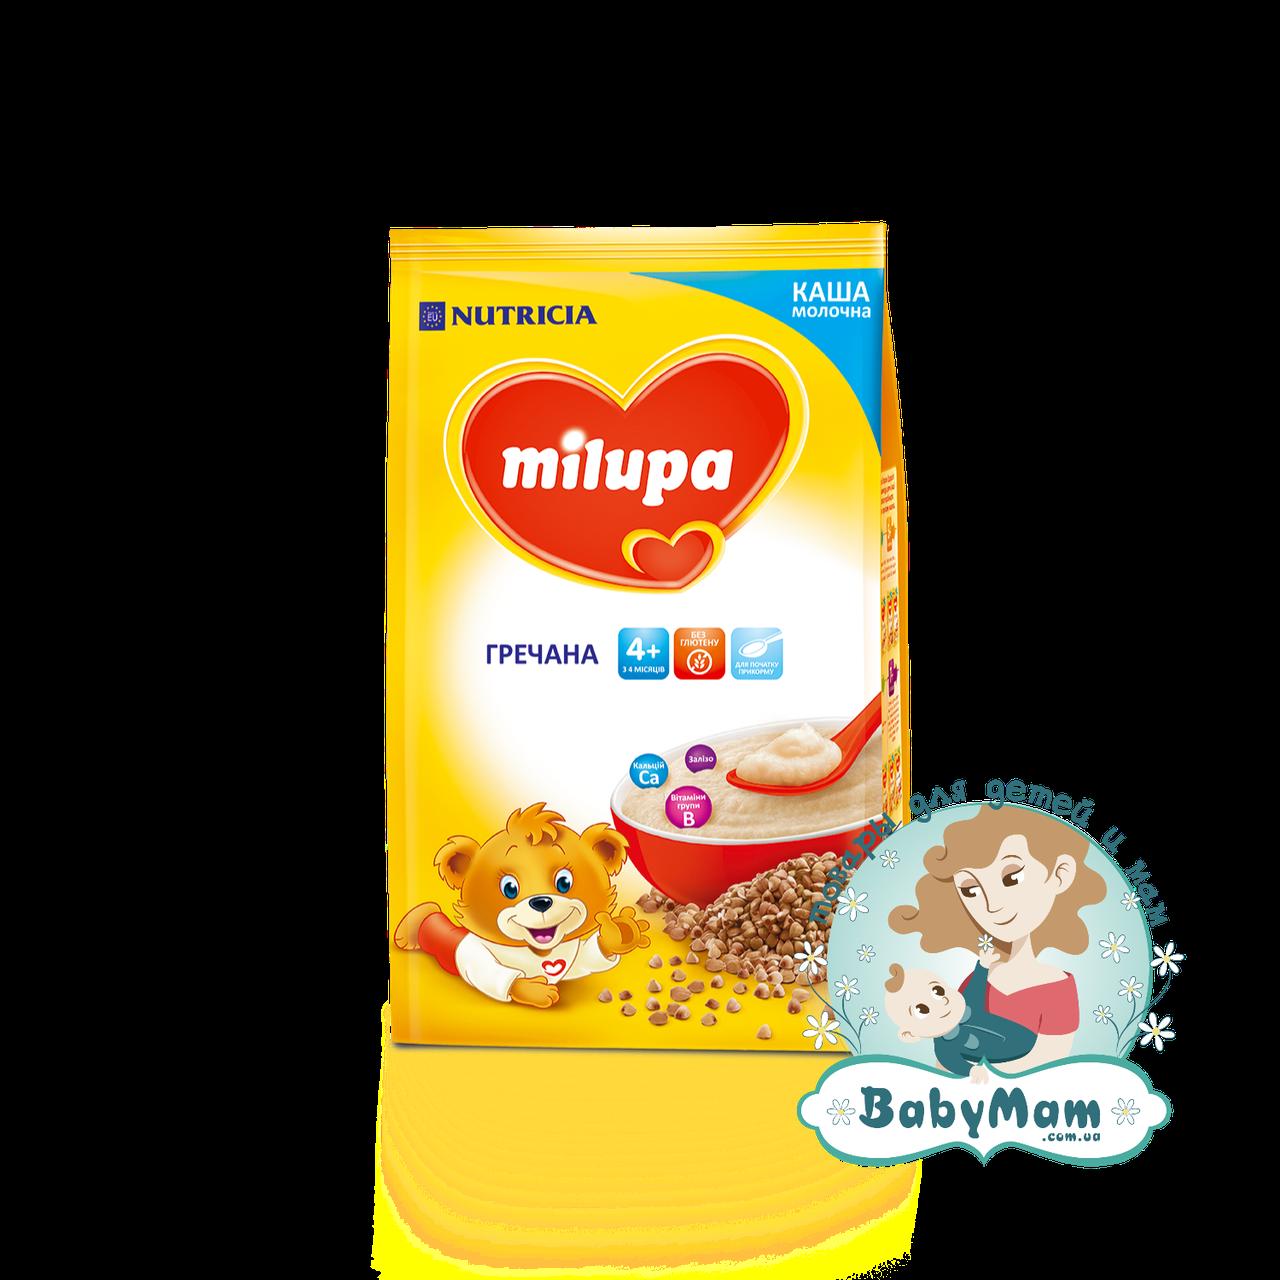 Каша молочная Milupa гречневая, 4+, 210гр